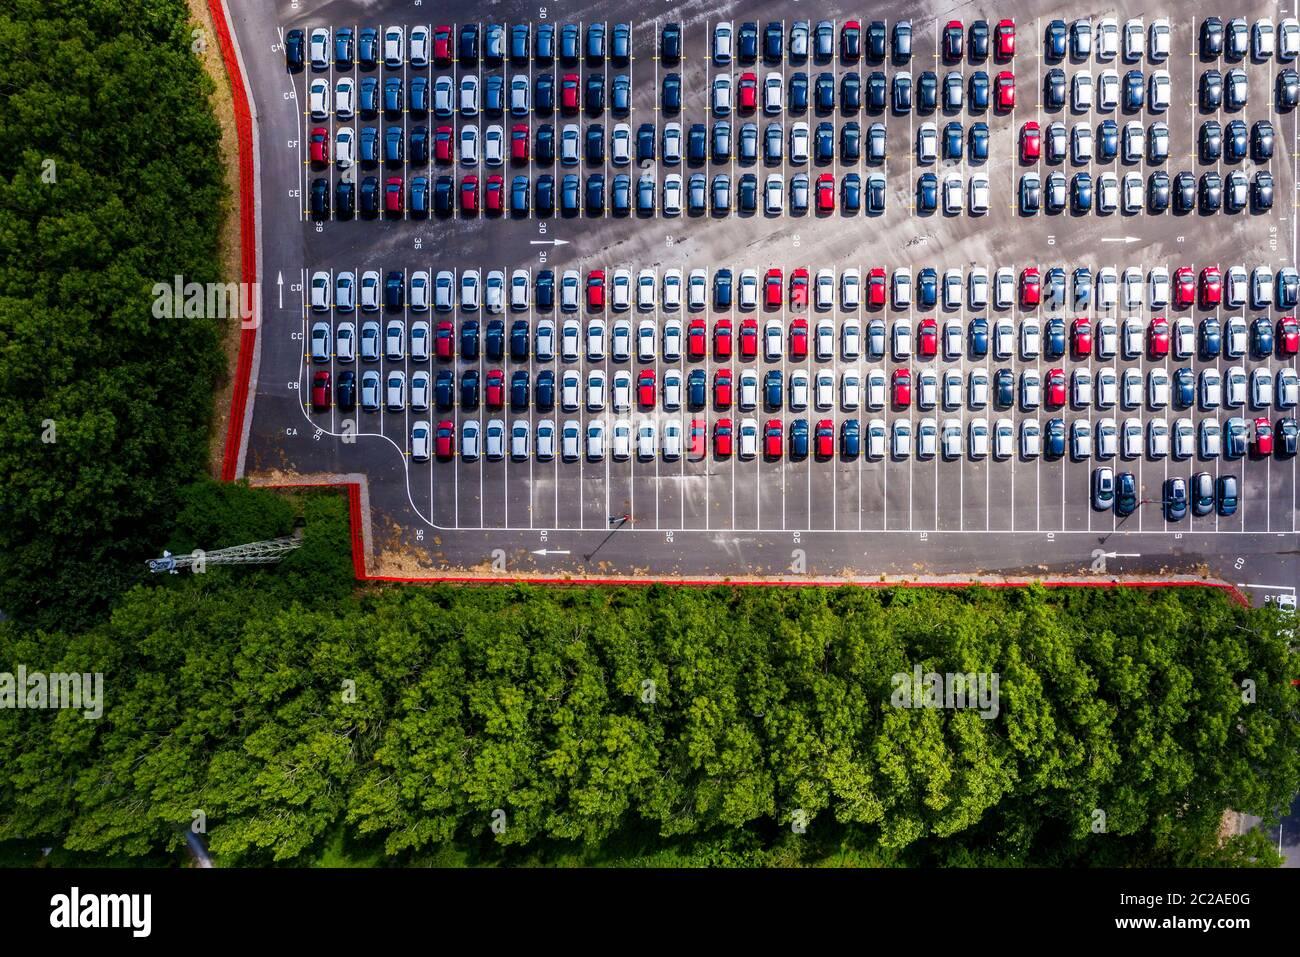 Ein Überblick über neue Autos, die am Royal Portbury Dock in Avonmouth, Bristol geparkt wurden. Stockfoto